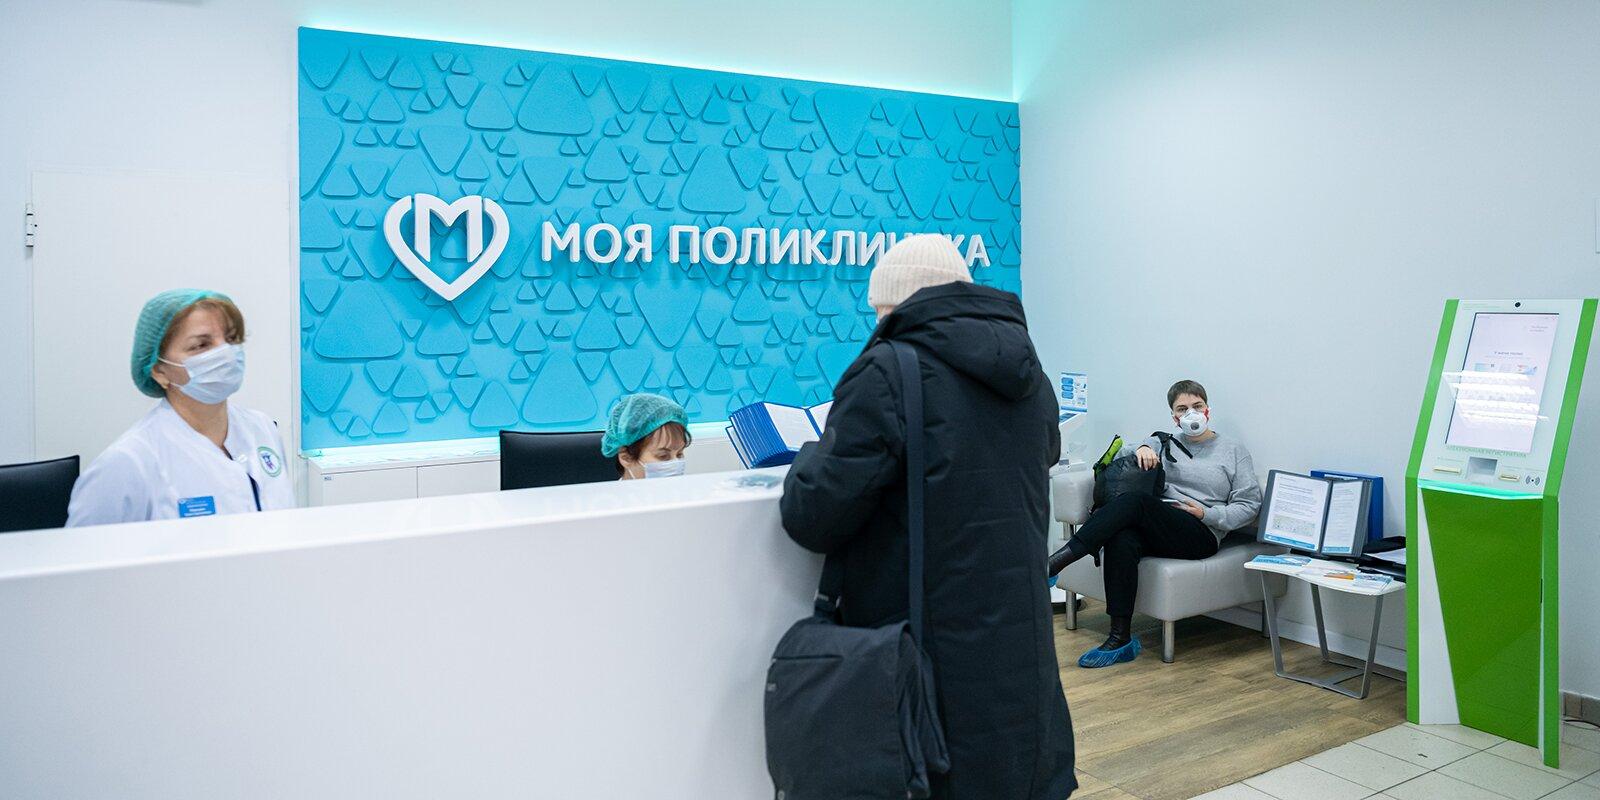 Экономика-2020. Как Москва справляется с пандемией